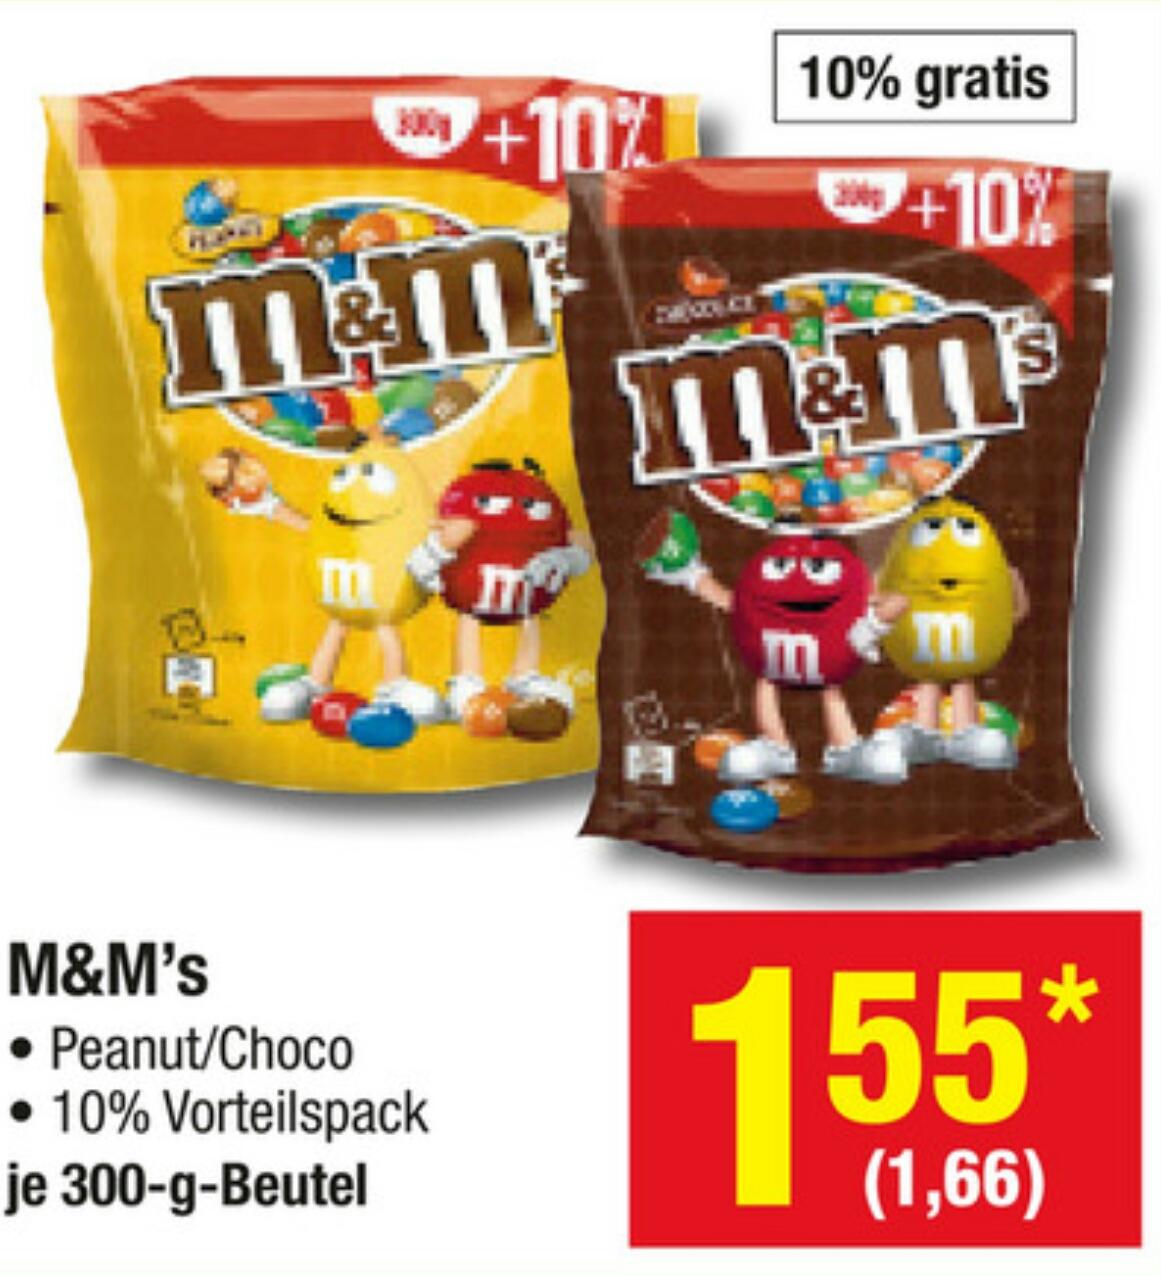 [metro] M&Ms Peanut/Choco 300g für 1,66€ (KG=5,53€)